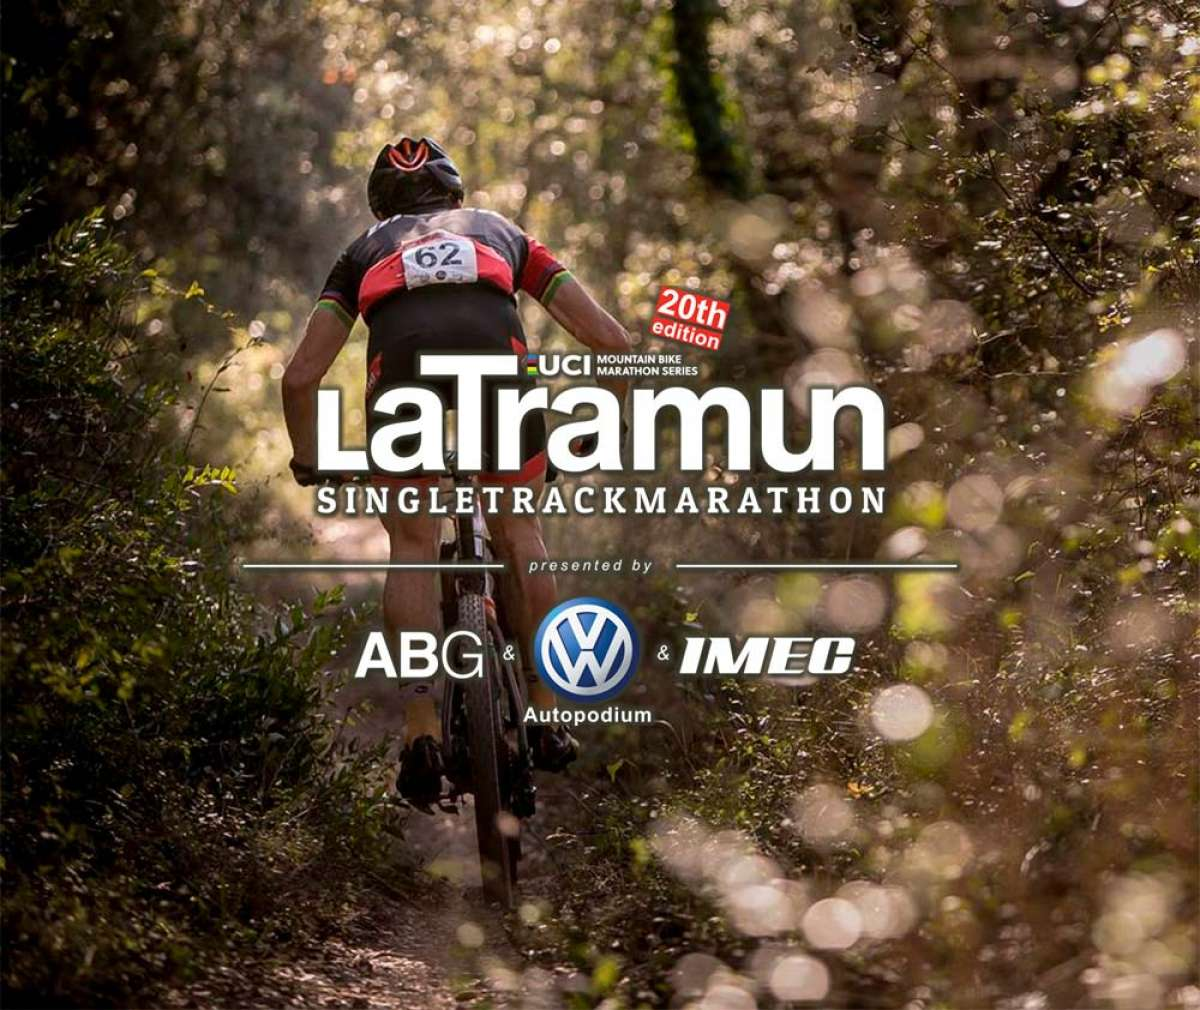 La carrera de los 'singletracks' calienta motores: llega LaTramun 2018